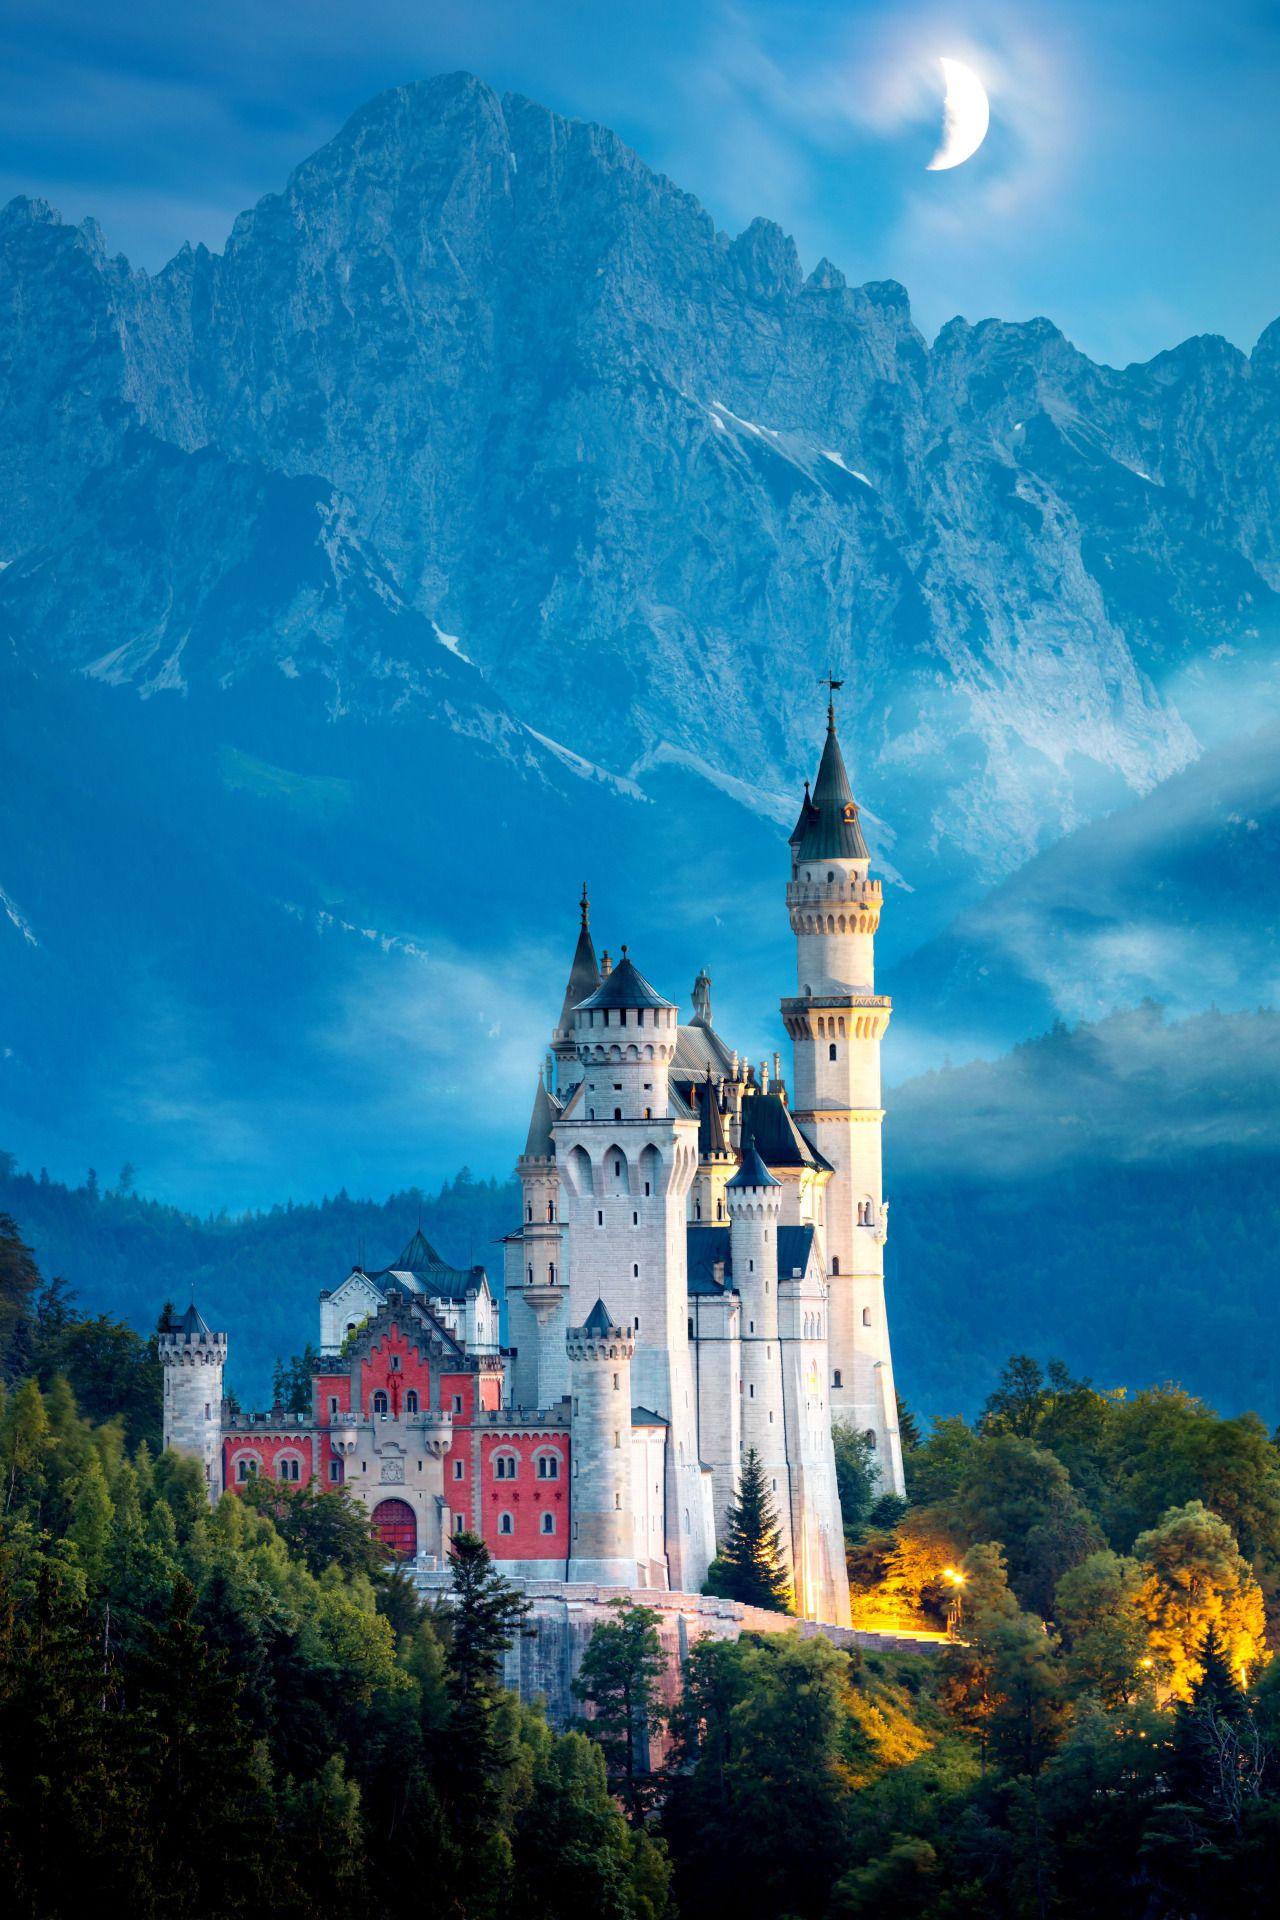 It S Easy To See Why Neuschwanstein Castle In Germany Inspired Walt Disney To Create Sleeping B Deutschland Burgen Schloss Neuschwanstein Mittelalterliche Burg